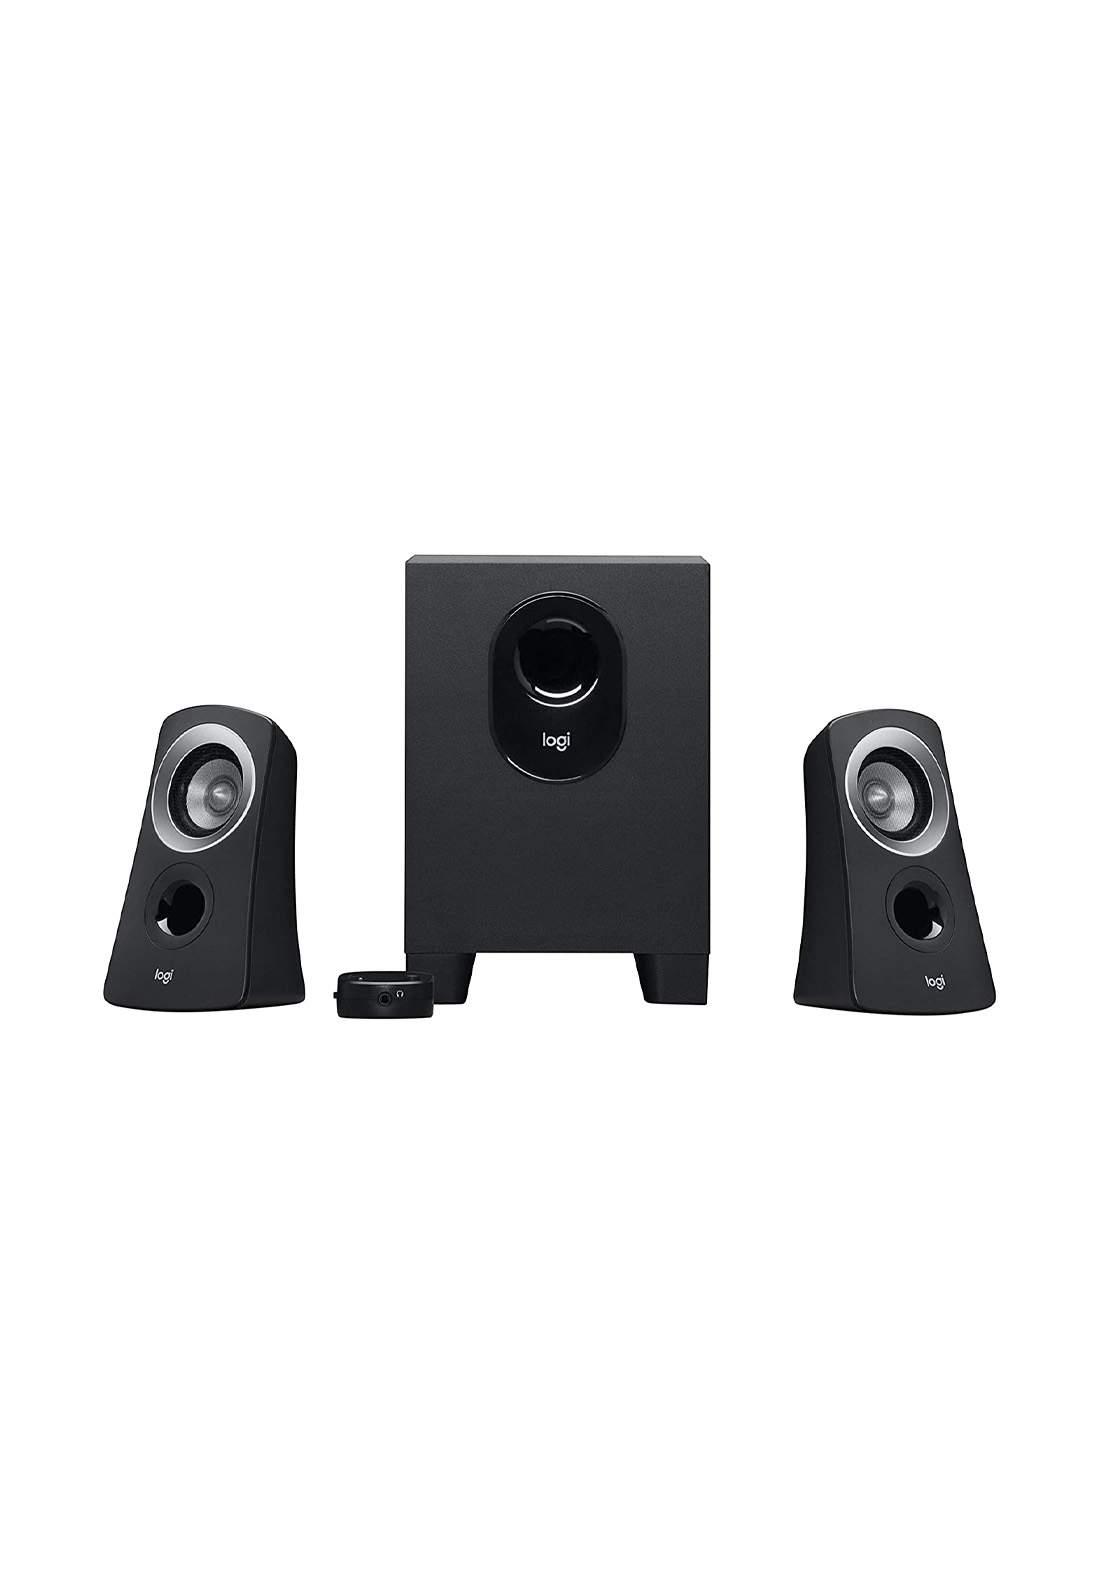 Logitech Z313 Multimedia Speaker System - Black  سبيكر